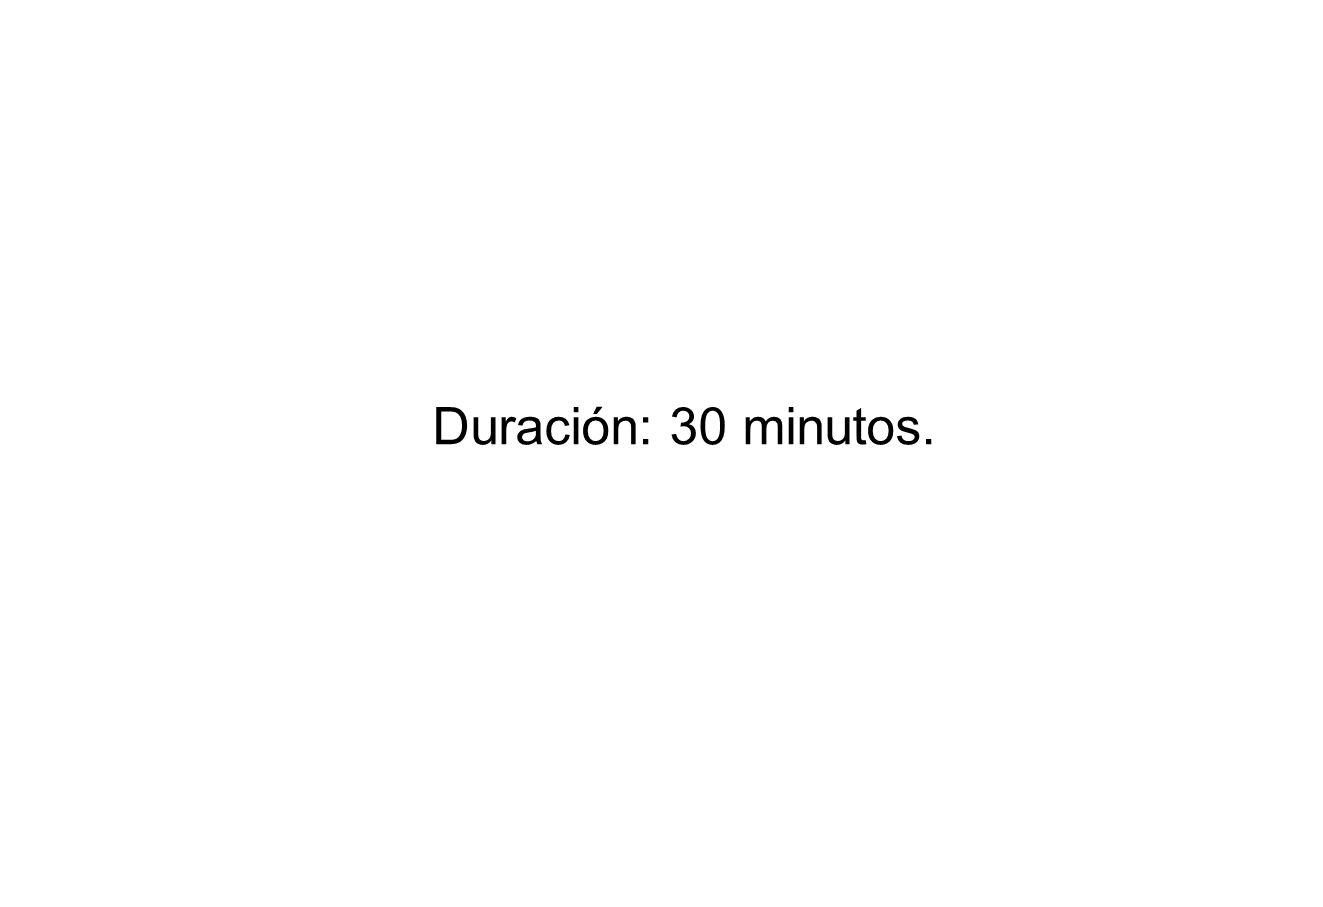 Duración: 30 minutos.